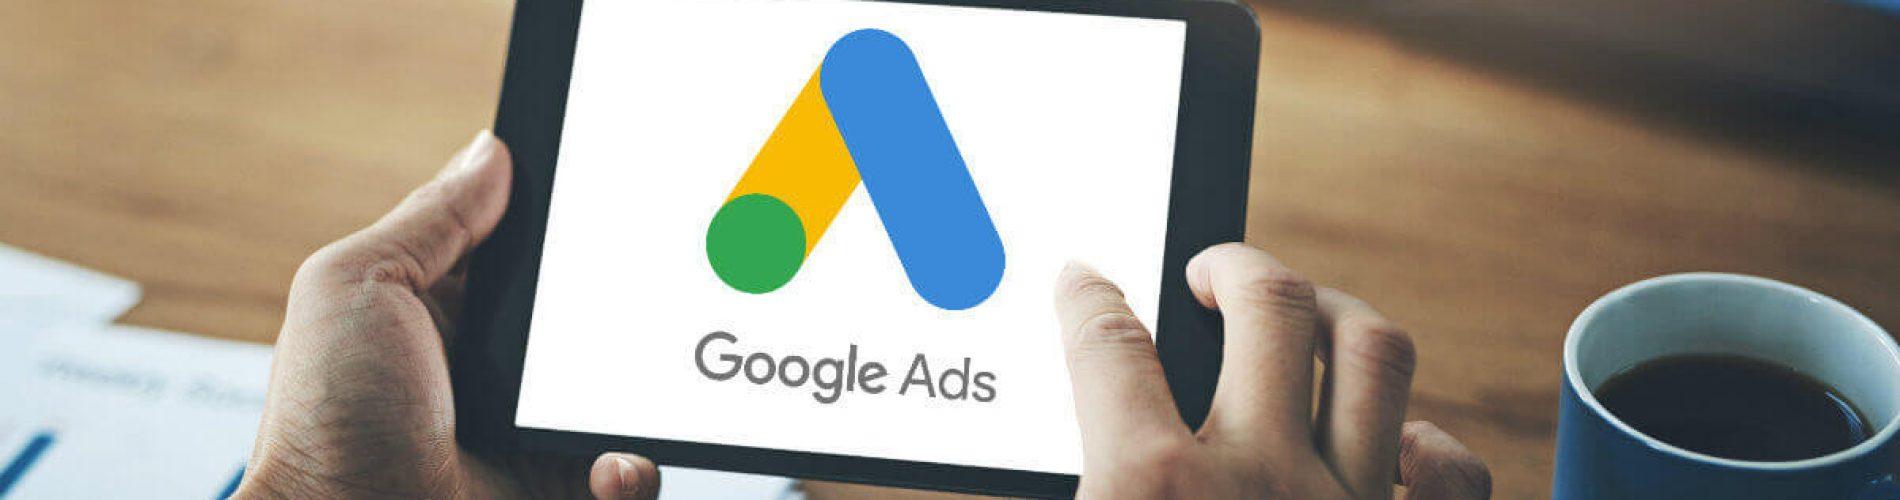 google-ads-